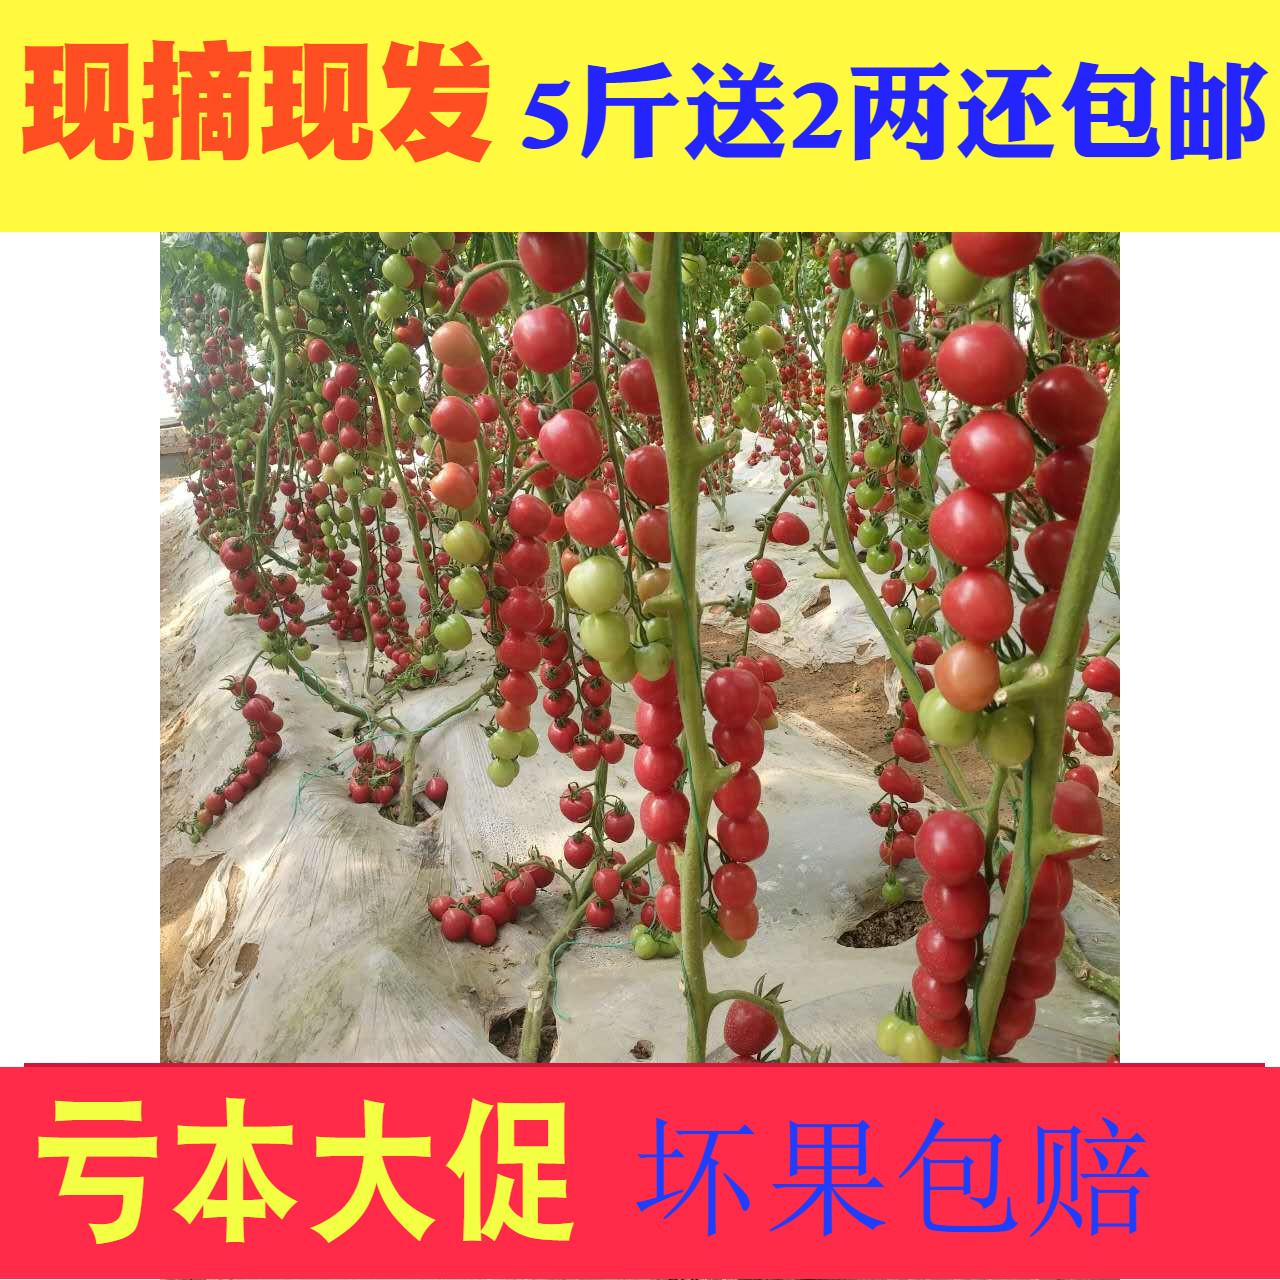 【货不断】千禧番茄时令水果小柿子樱桃小西红柿  新鲜千禧圣女果